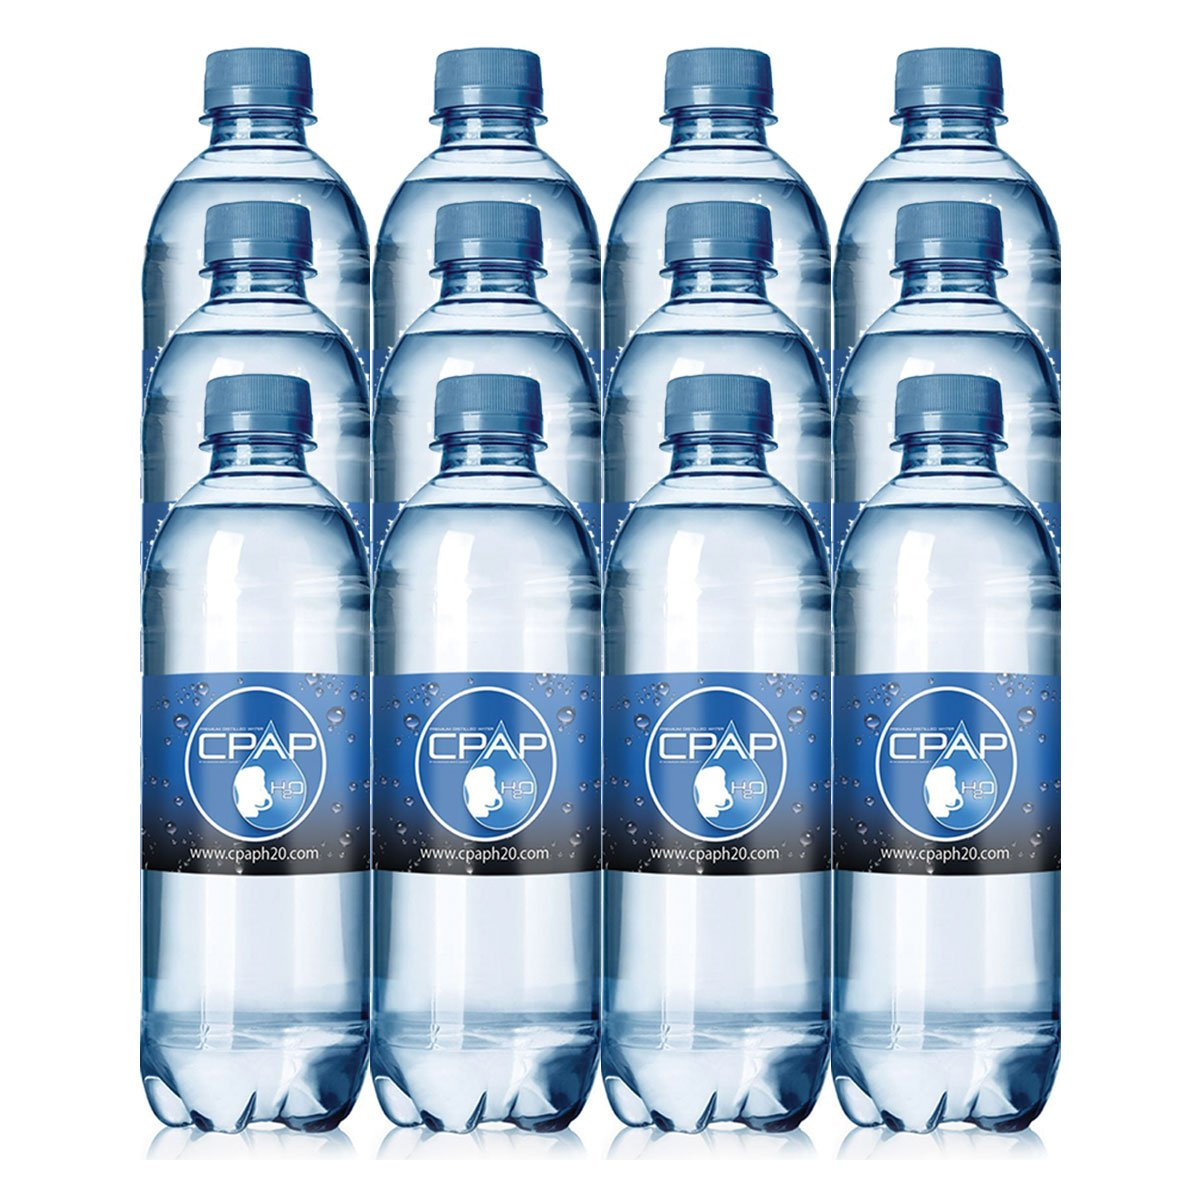 16.9 oz CPAP H20 Premium Distilled Water (Pack of 12)